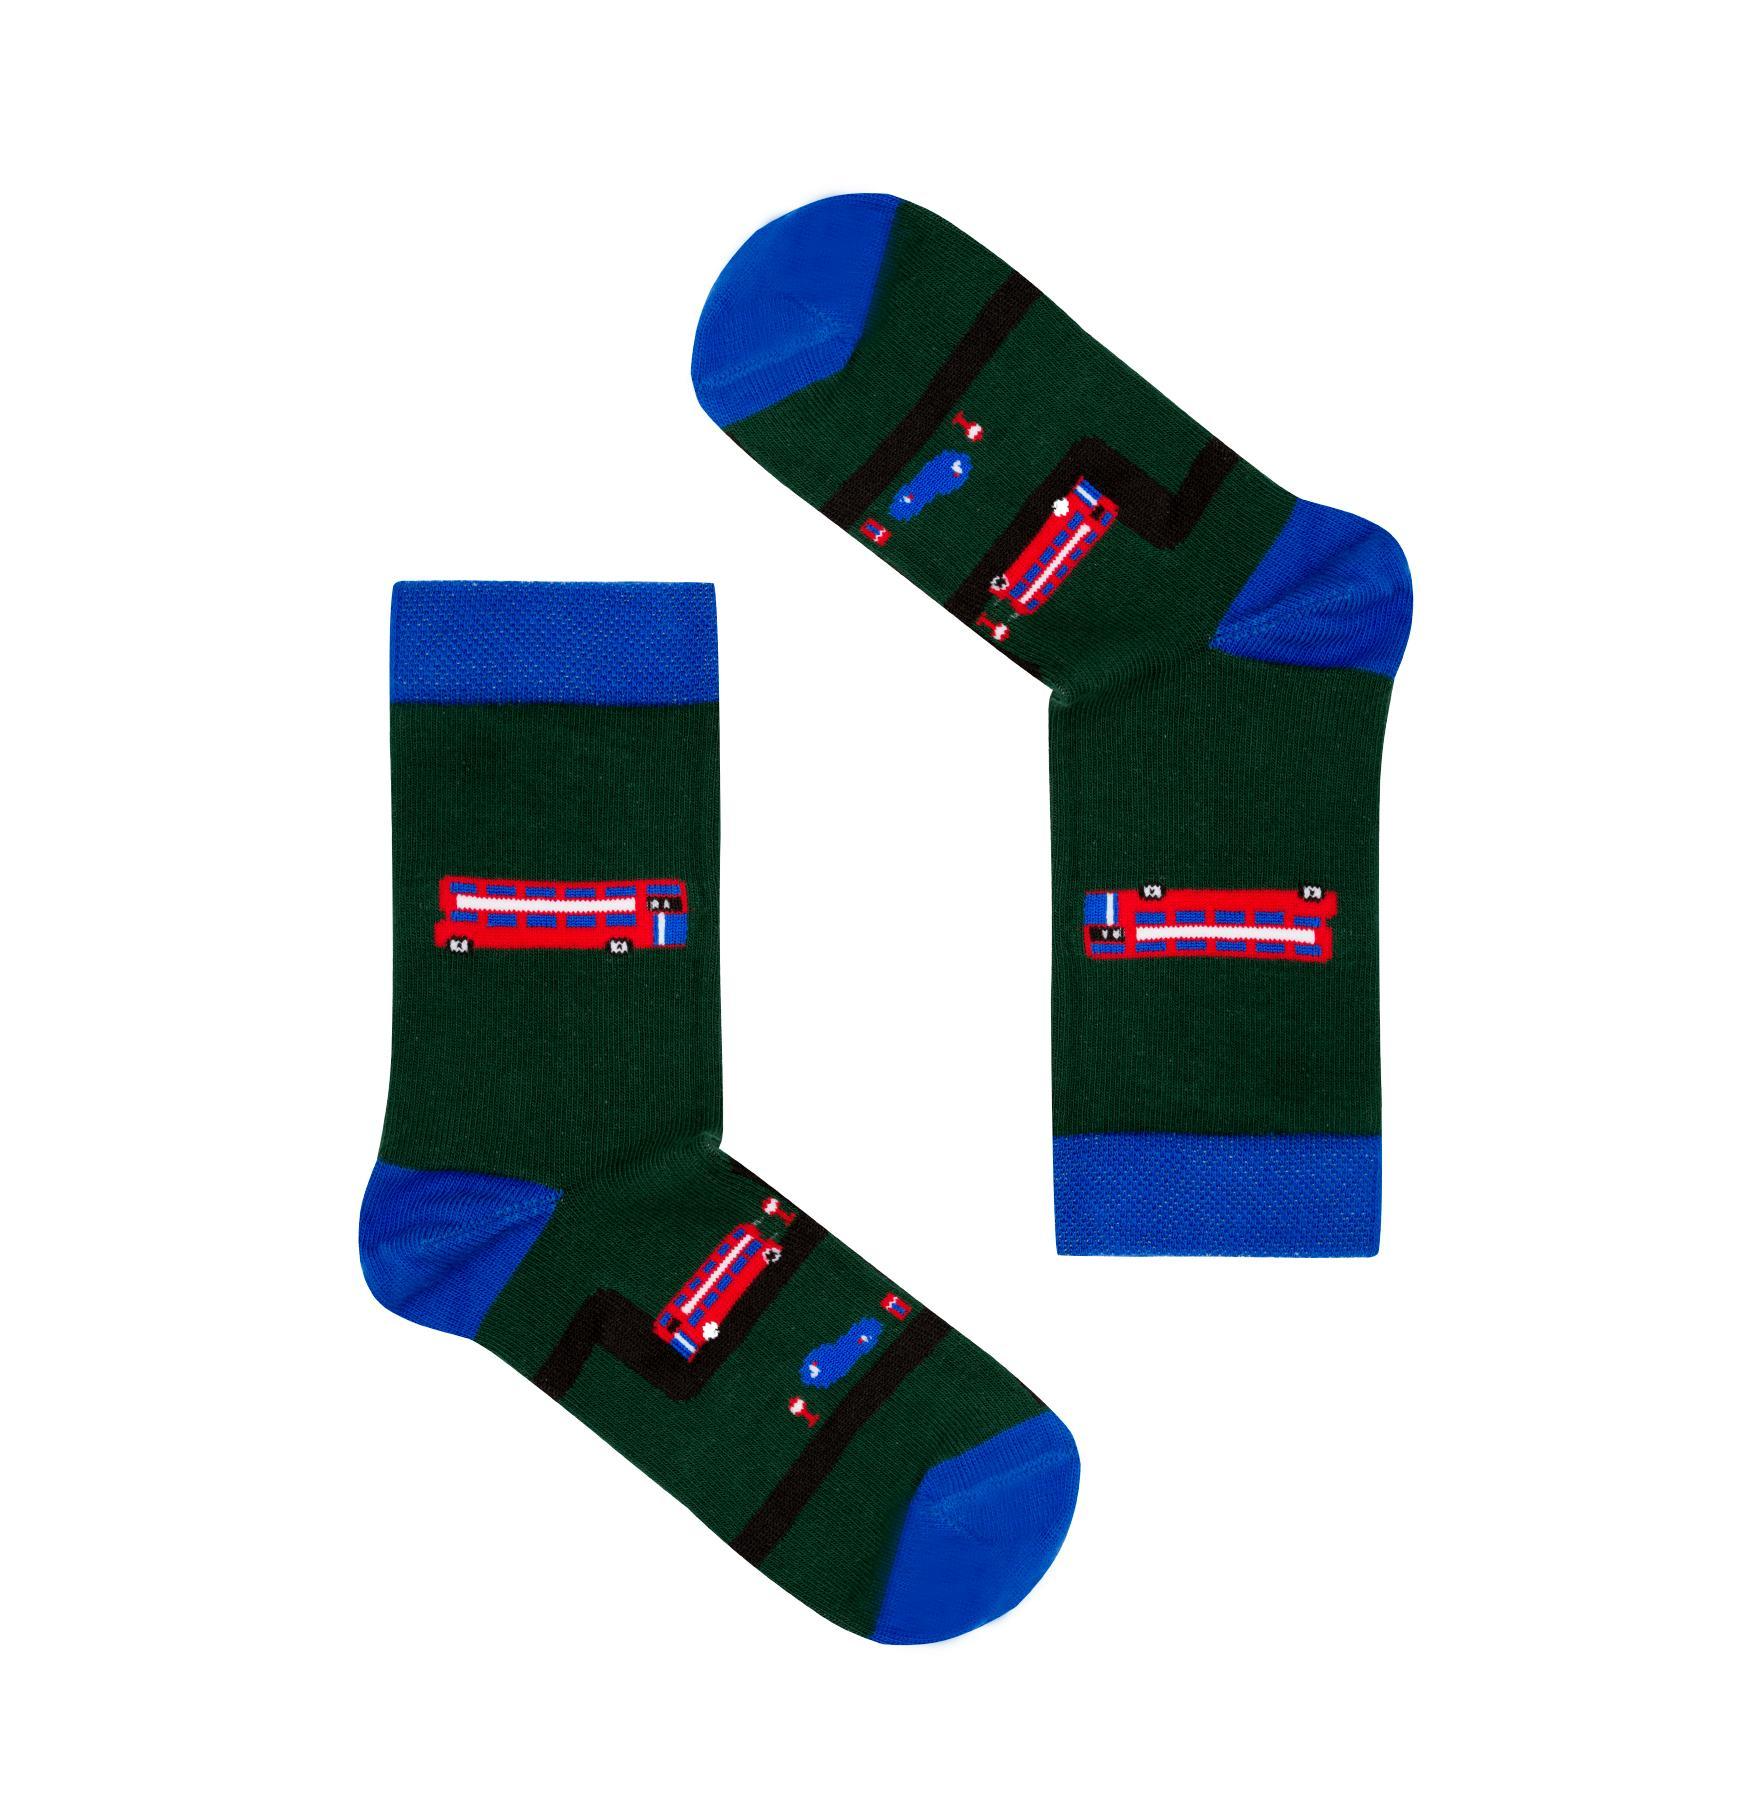 Śmieszne, kolorowe skarpetki dziecięce FAVES Socks & Friends z kolekcji angielskiej w autobusy! Poznaj kolorowe skarpety marki Faves Socks & Friends i dodaj swoim stylizacjom odrobinę szaleństwa, a podróżnicze motywy niech inspirują Cię do wypraw małych i dużych. Wzory skarpet przedstawiają symbole charakterystyczne dla danego kraju. Znajdziesz u nas także więcej motywów z tej kolekcji w innych rozmiarach - może to idealny pomysł na skarpety dla całej rodziny? Made in Poland. – produkty są zarówno projektowane jak i produkowane wyłącznie w Polsce. Bawełna stosowana w skarpetach posiada certyfikat OEKO TEX, który stanowi gwarancję bezpieczeństwa dla skóry. Skład skarpet: 80% bawełny czesanej / 15% poliamidu / 5% elastanu